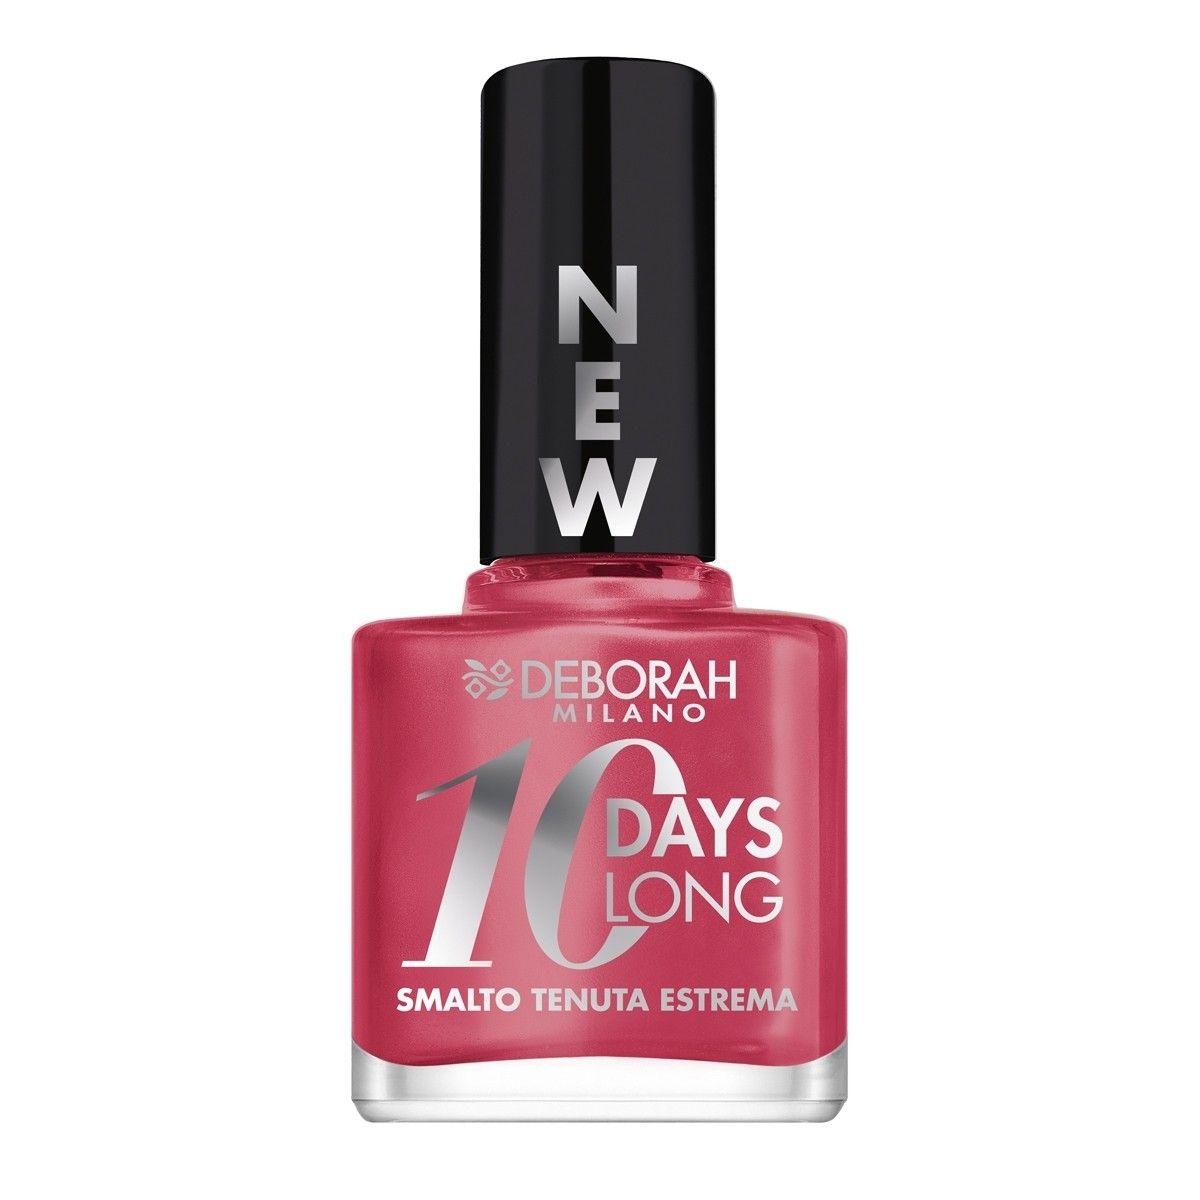 Afbeelding van Deborah Milano 10 Days Long Nail Enamel 850 Pearly Pink Bubble Nagellak Make up